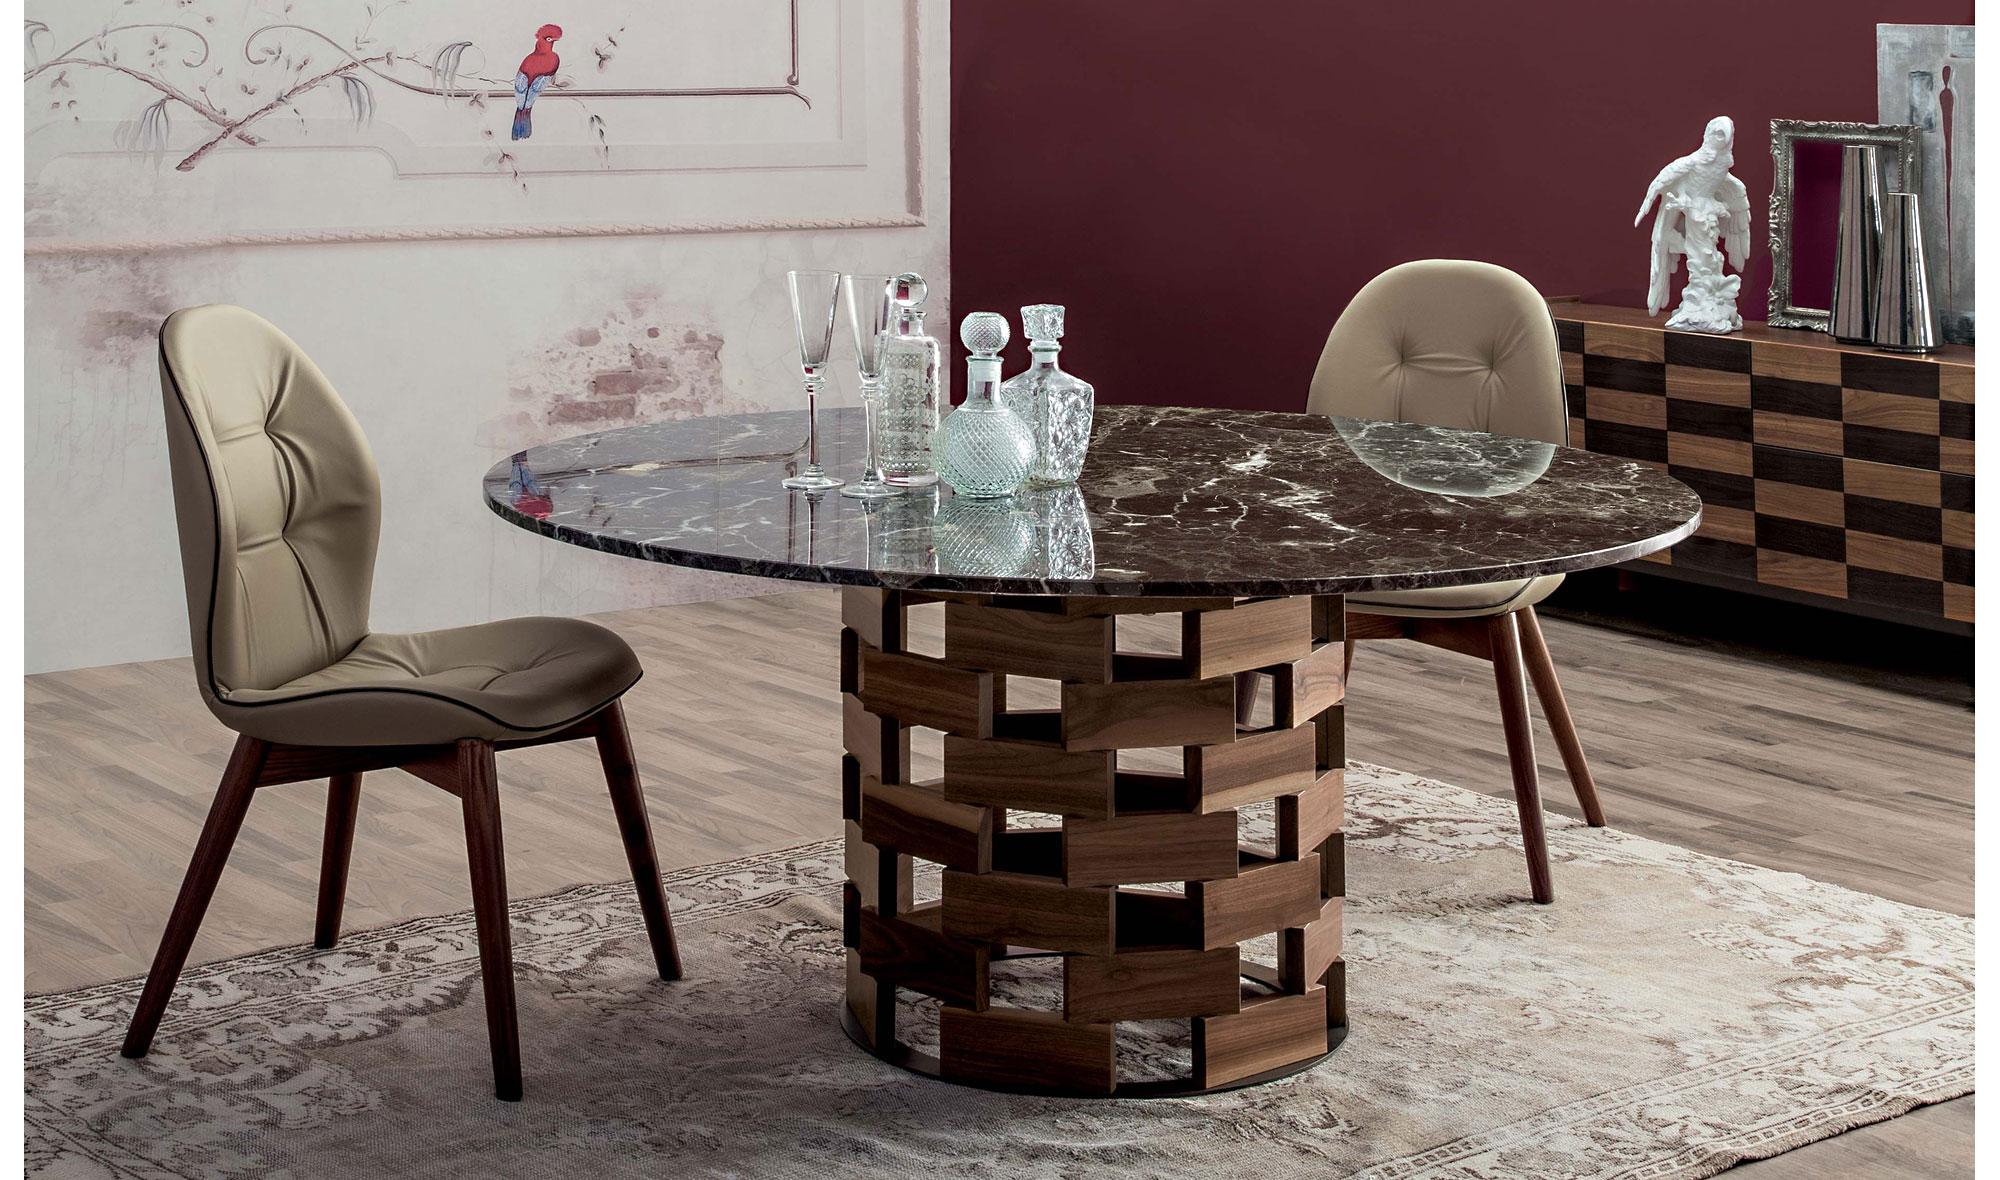 Mesa de comedor redonda moderna colosseo en for Mesa comedor muebles